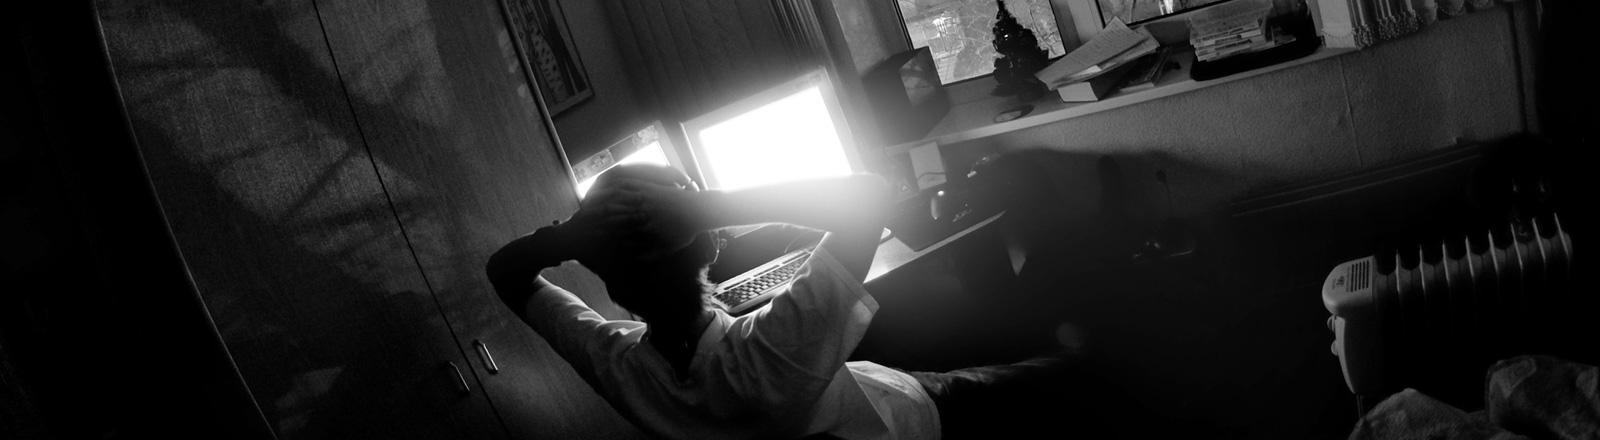 Schwarz-Weiß-Foto: In einem Zimmer sitzt ein junger Mann vor zwei leuchtenden Bildschirmen.